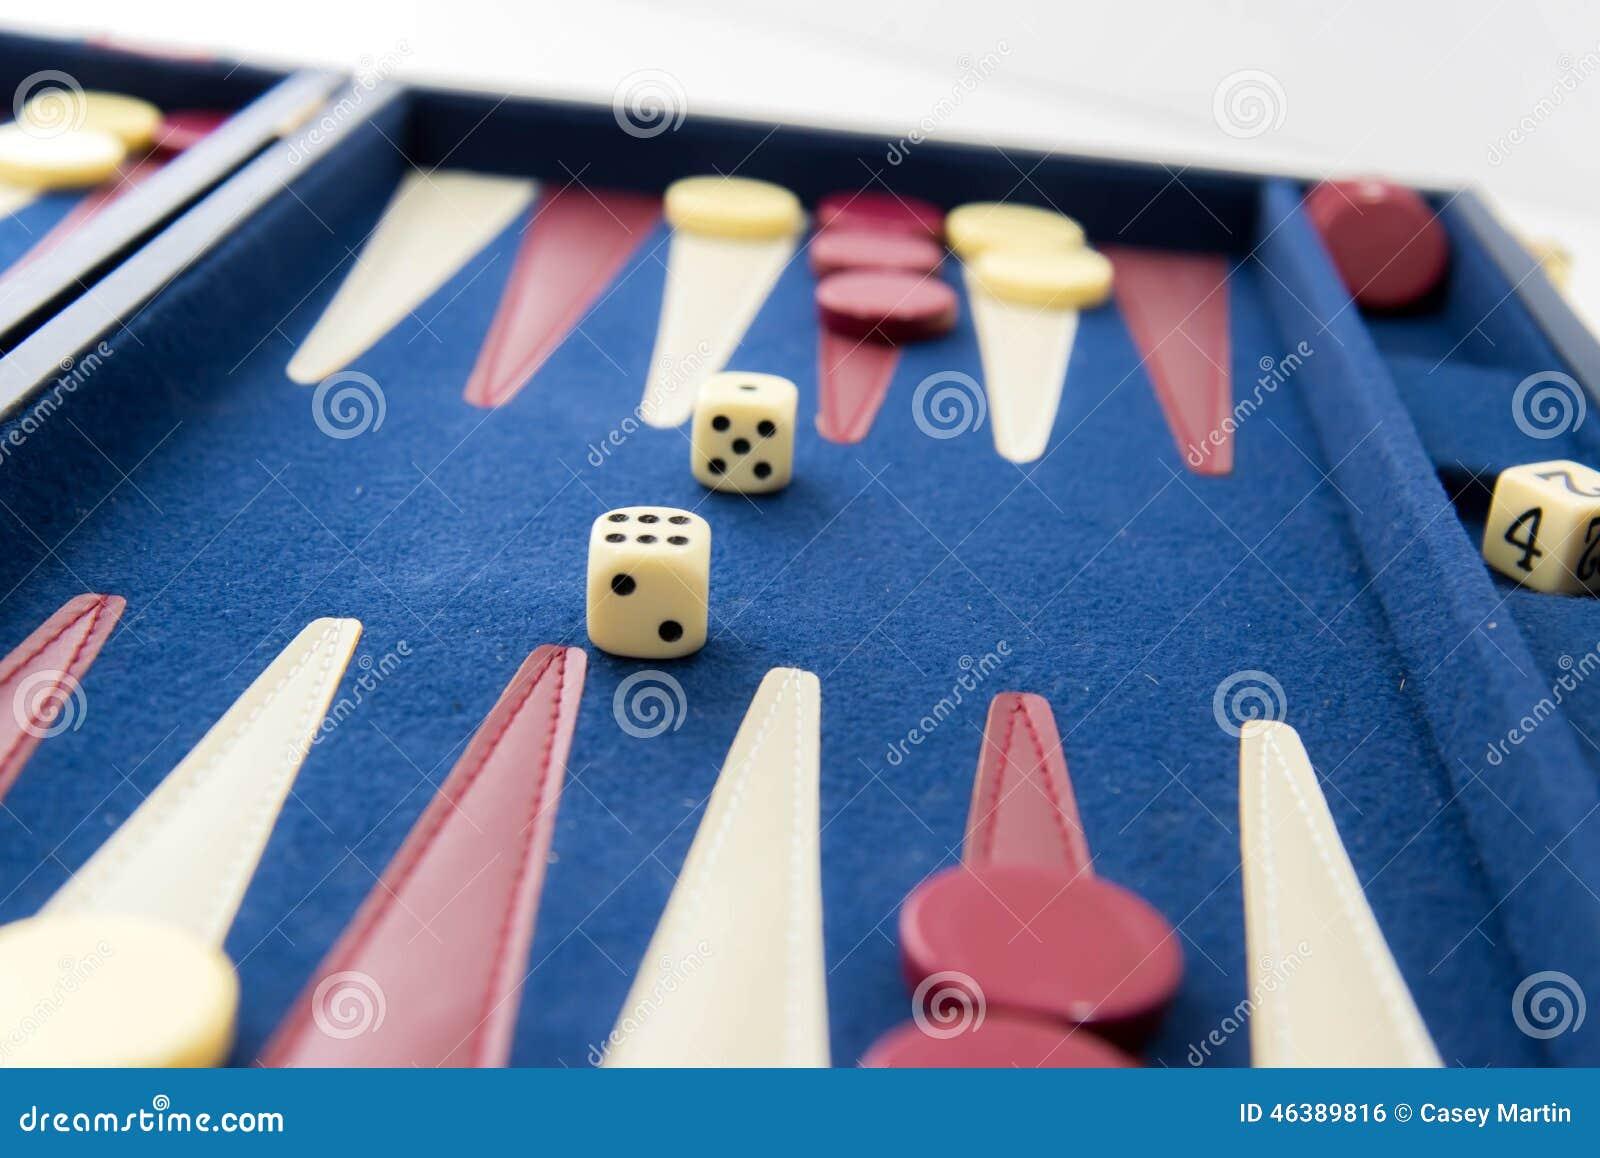 Juegos De Mesa Backgammon En Juego Foto De Archivo Imagen De